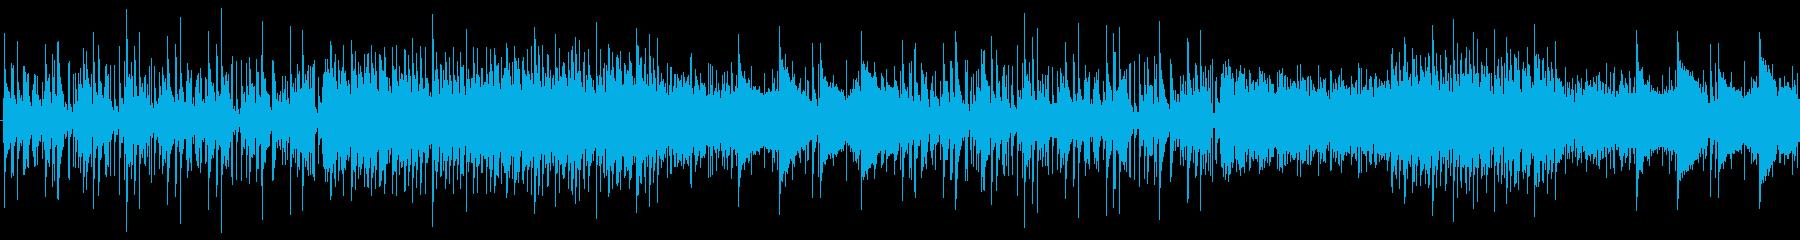 ピアノと和楽器を使ったアンビエントの再生済みの波形